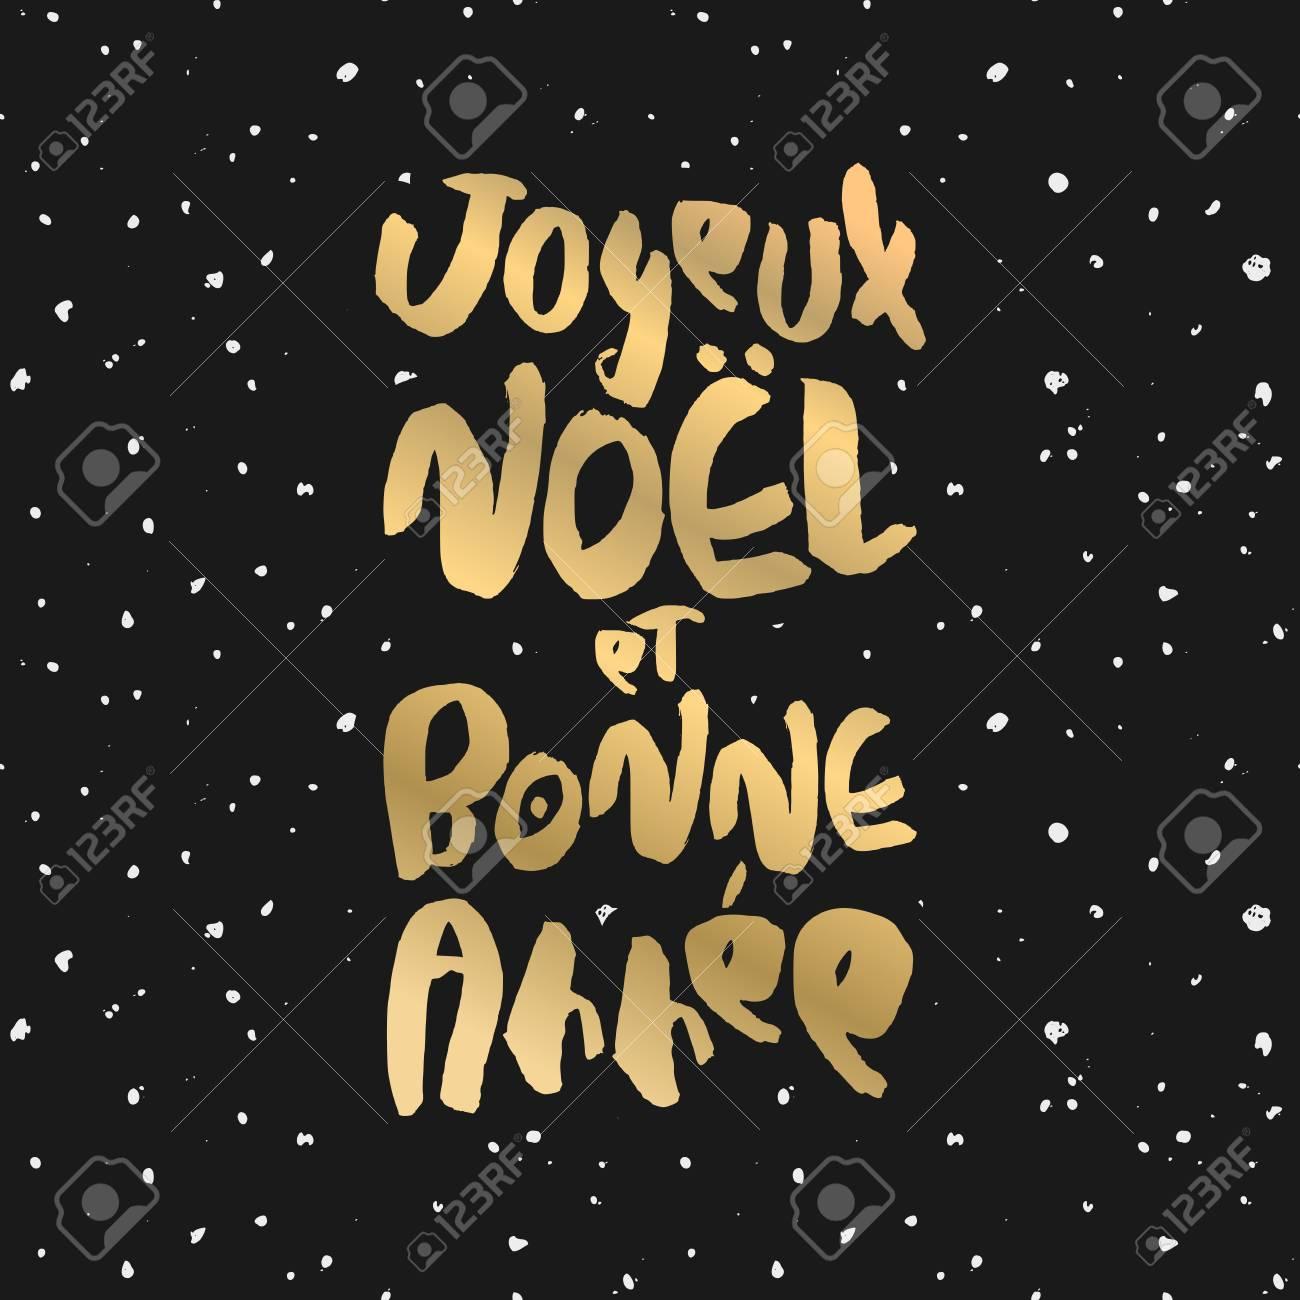 Letras Decorativas Handdrawn Caligrafía Moderna Feliz Navidad Y Feliz Año Nuevo En Francés Frase De Oro Manuscrita Aislada Sobre Fondo Negro